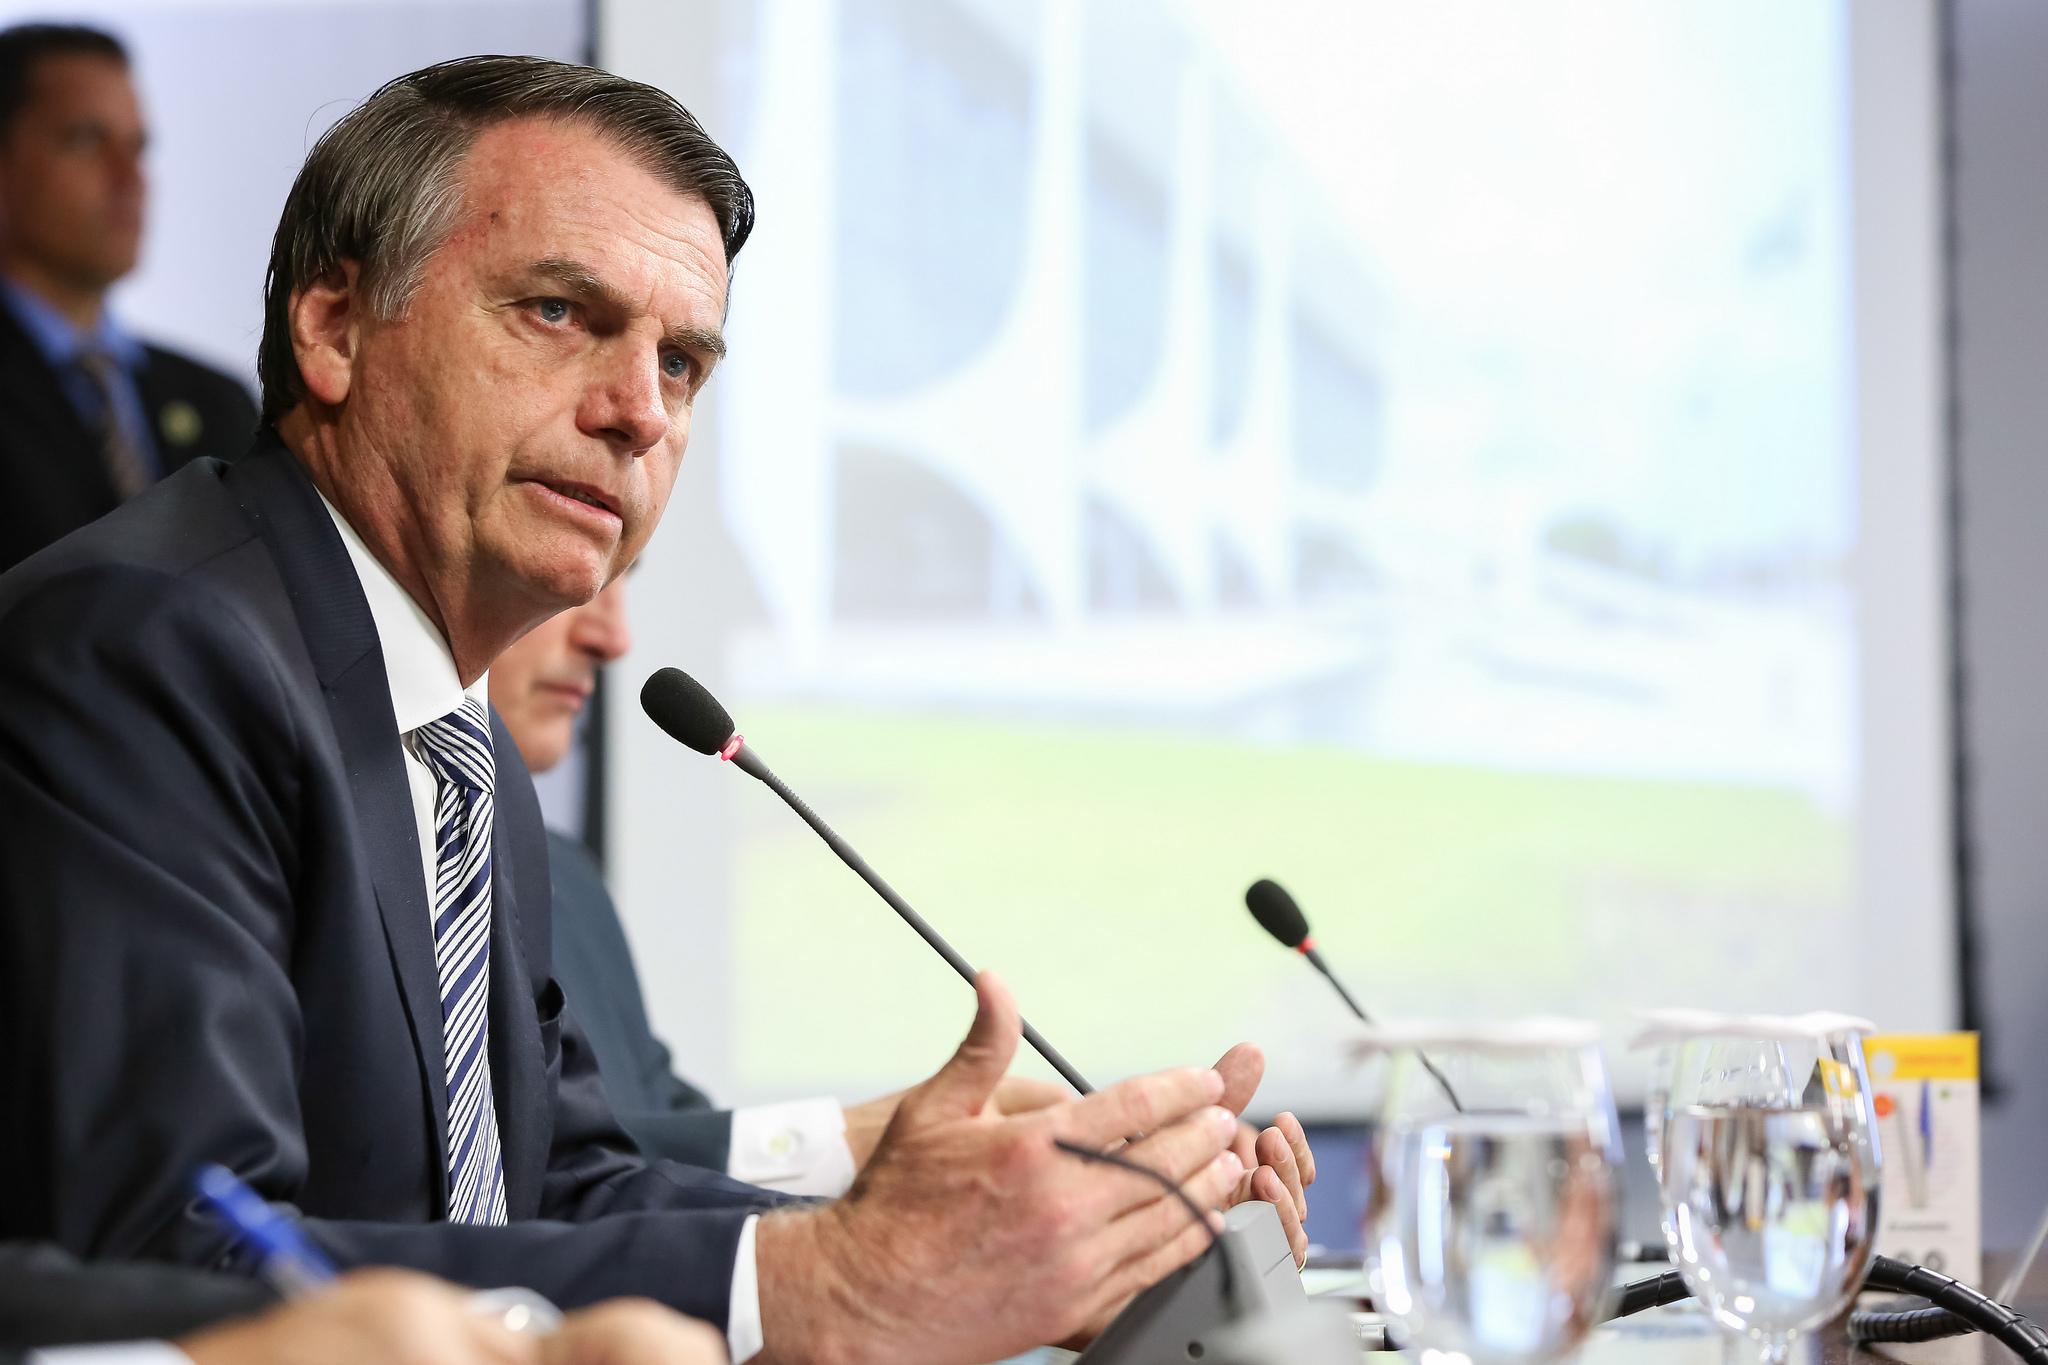 """Ministros estão """"mapeando"""" o Brasil para identificar problemas, afirma Bolsonaro"""